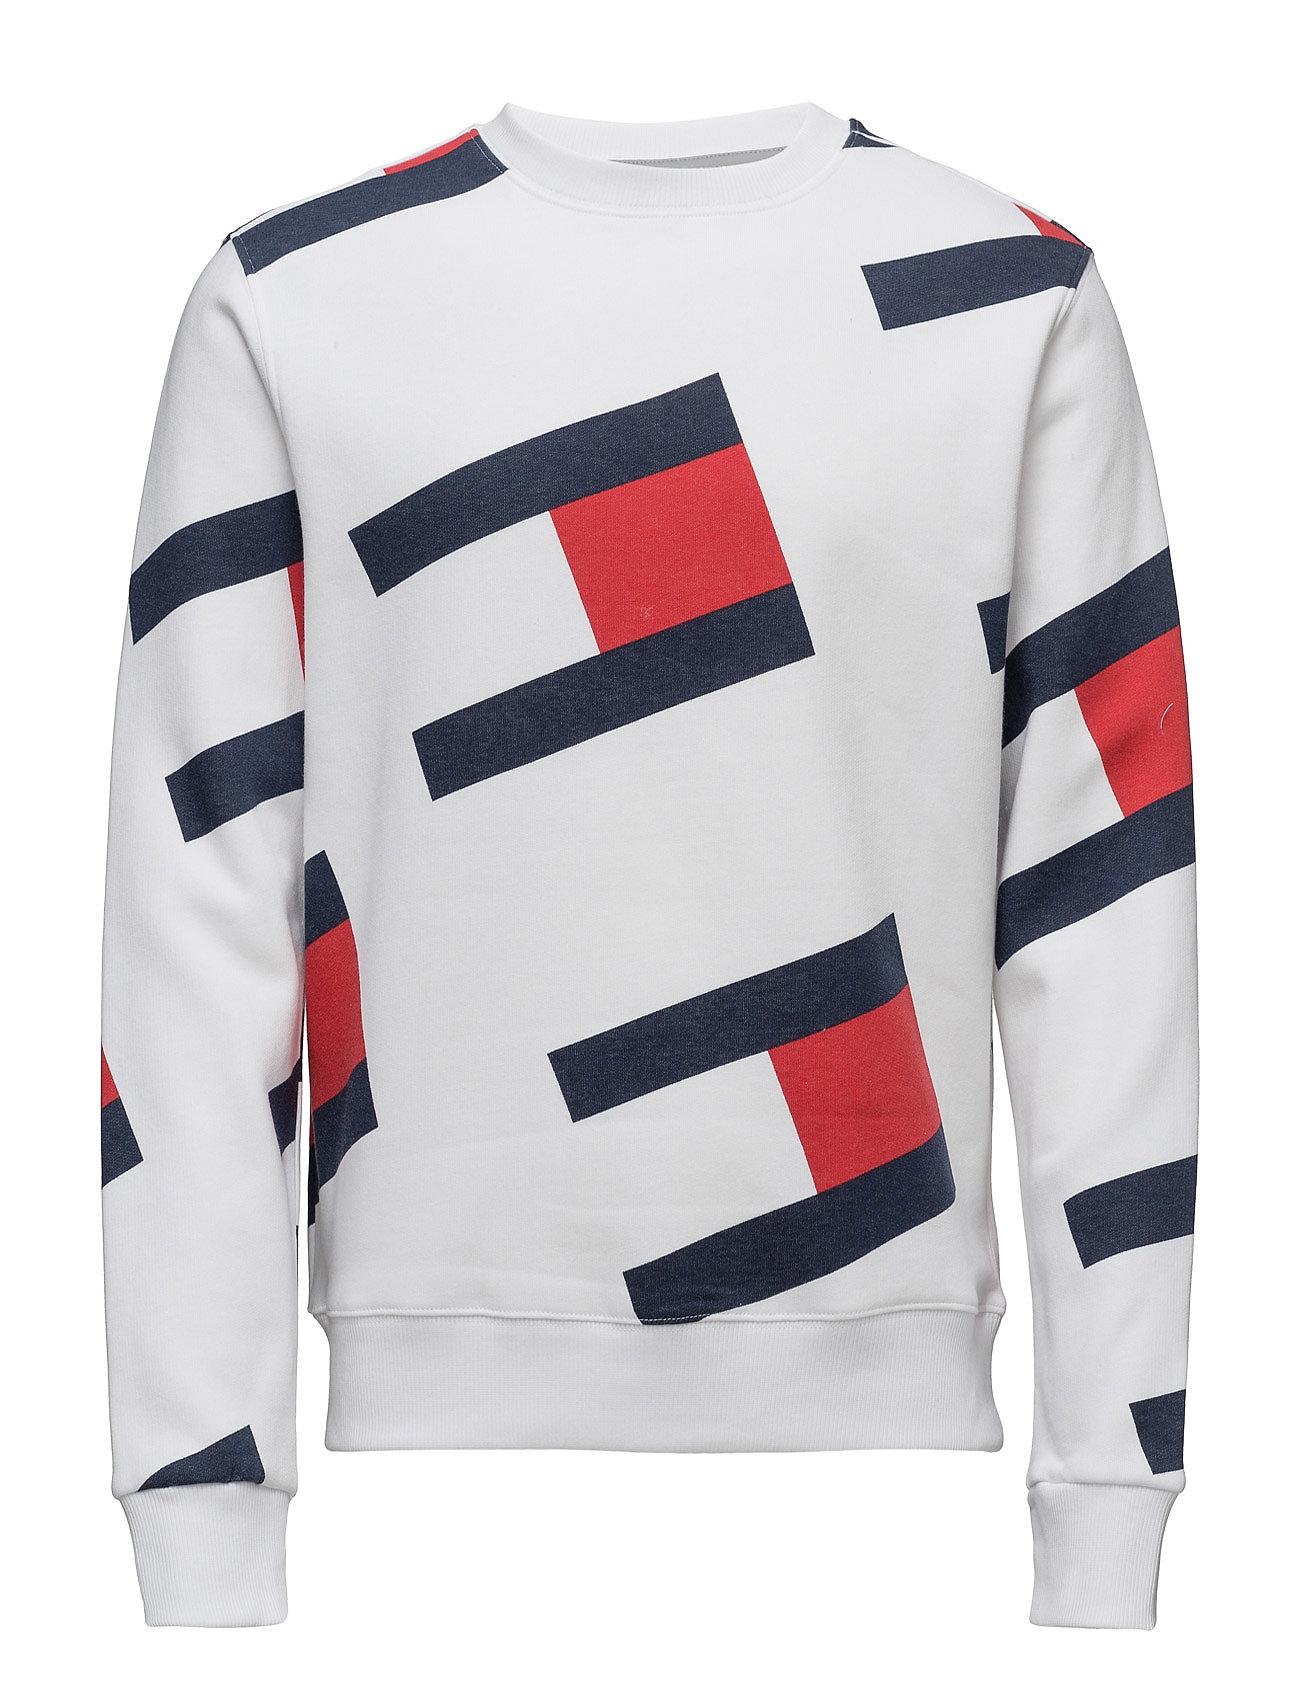 Tjm 90s Flag Aop Cn Hknit L/S M8 Tommy Jeans Striktrøjer til Mænd i hvid